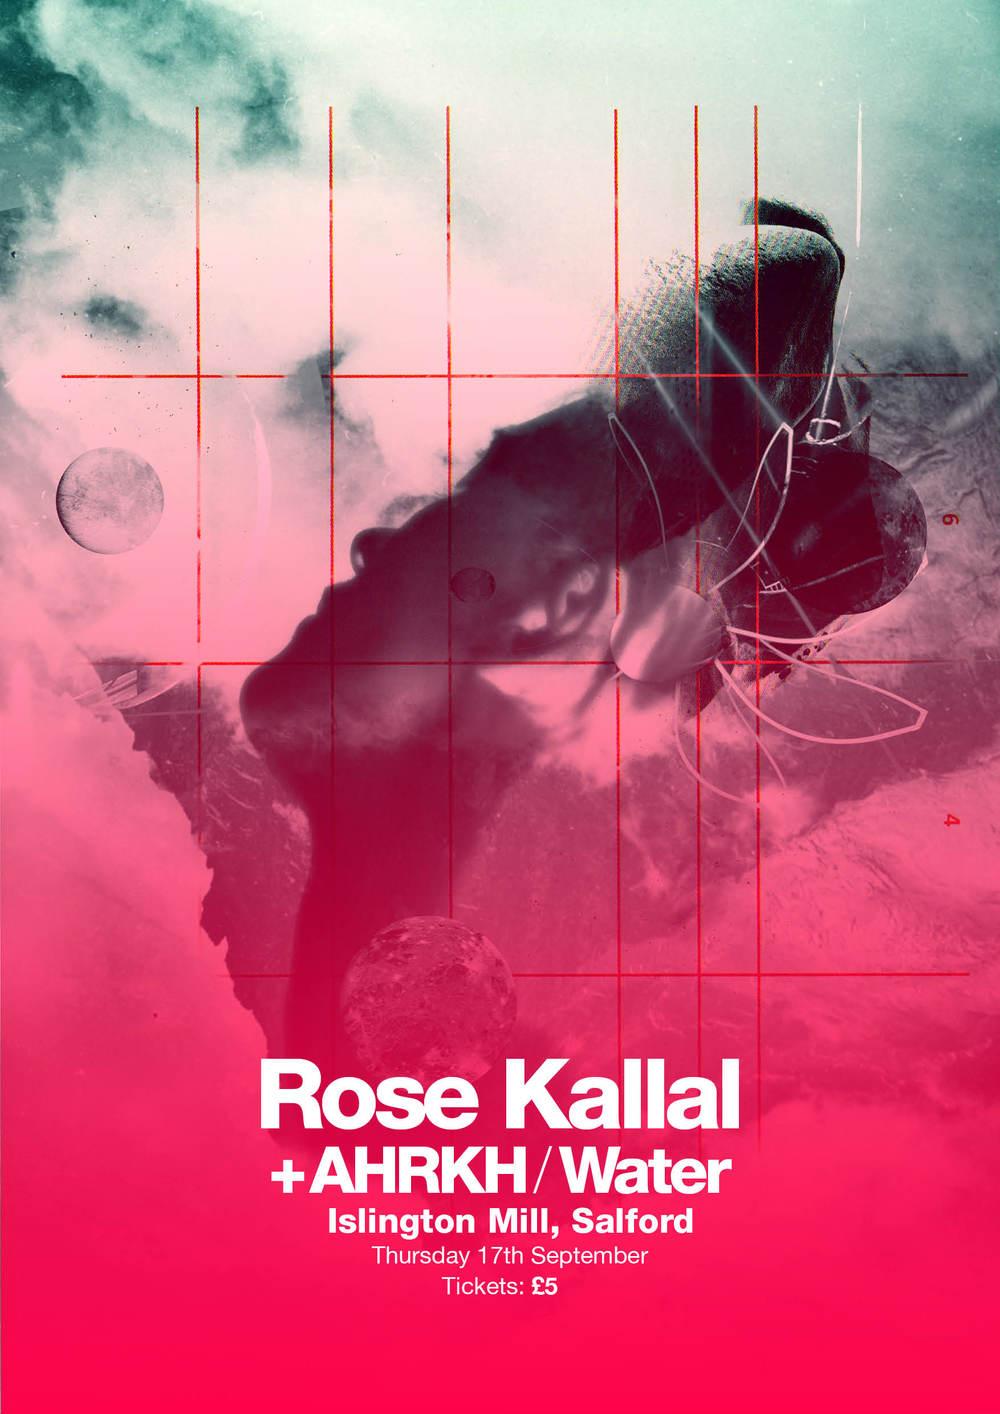 Rosekallal.jpg